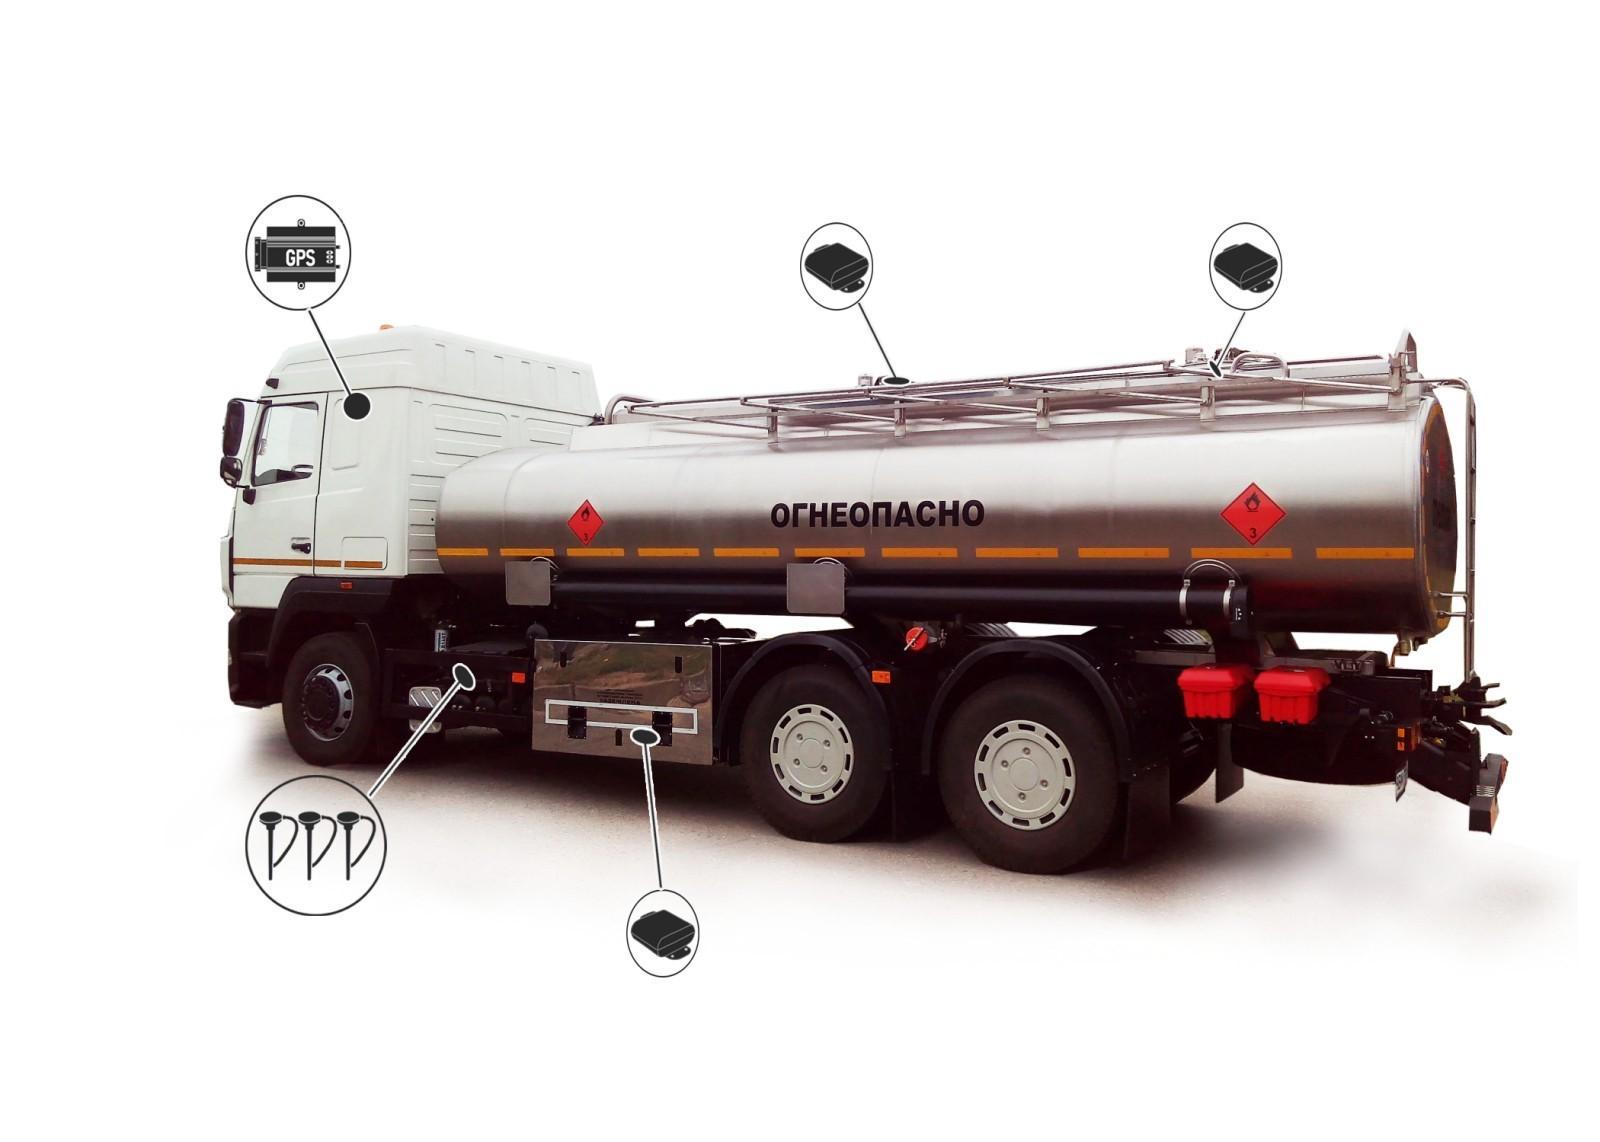 удаленного контроля открытия / закрытия крышек люков и арматурных шкафов на топливо и газовозах